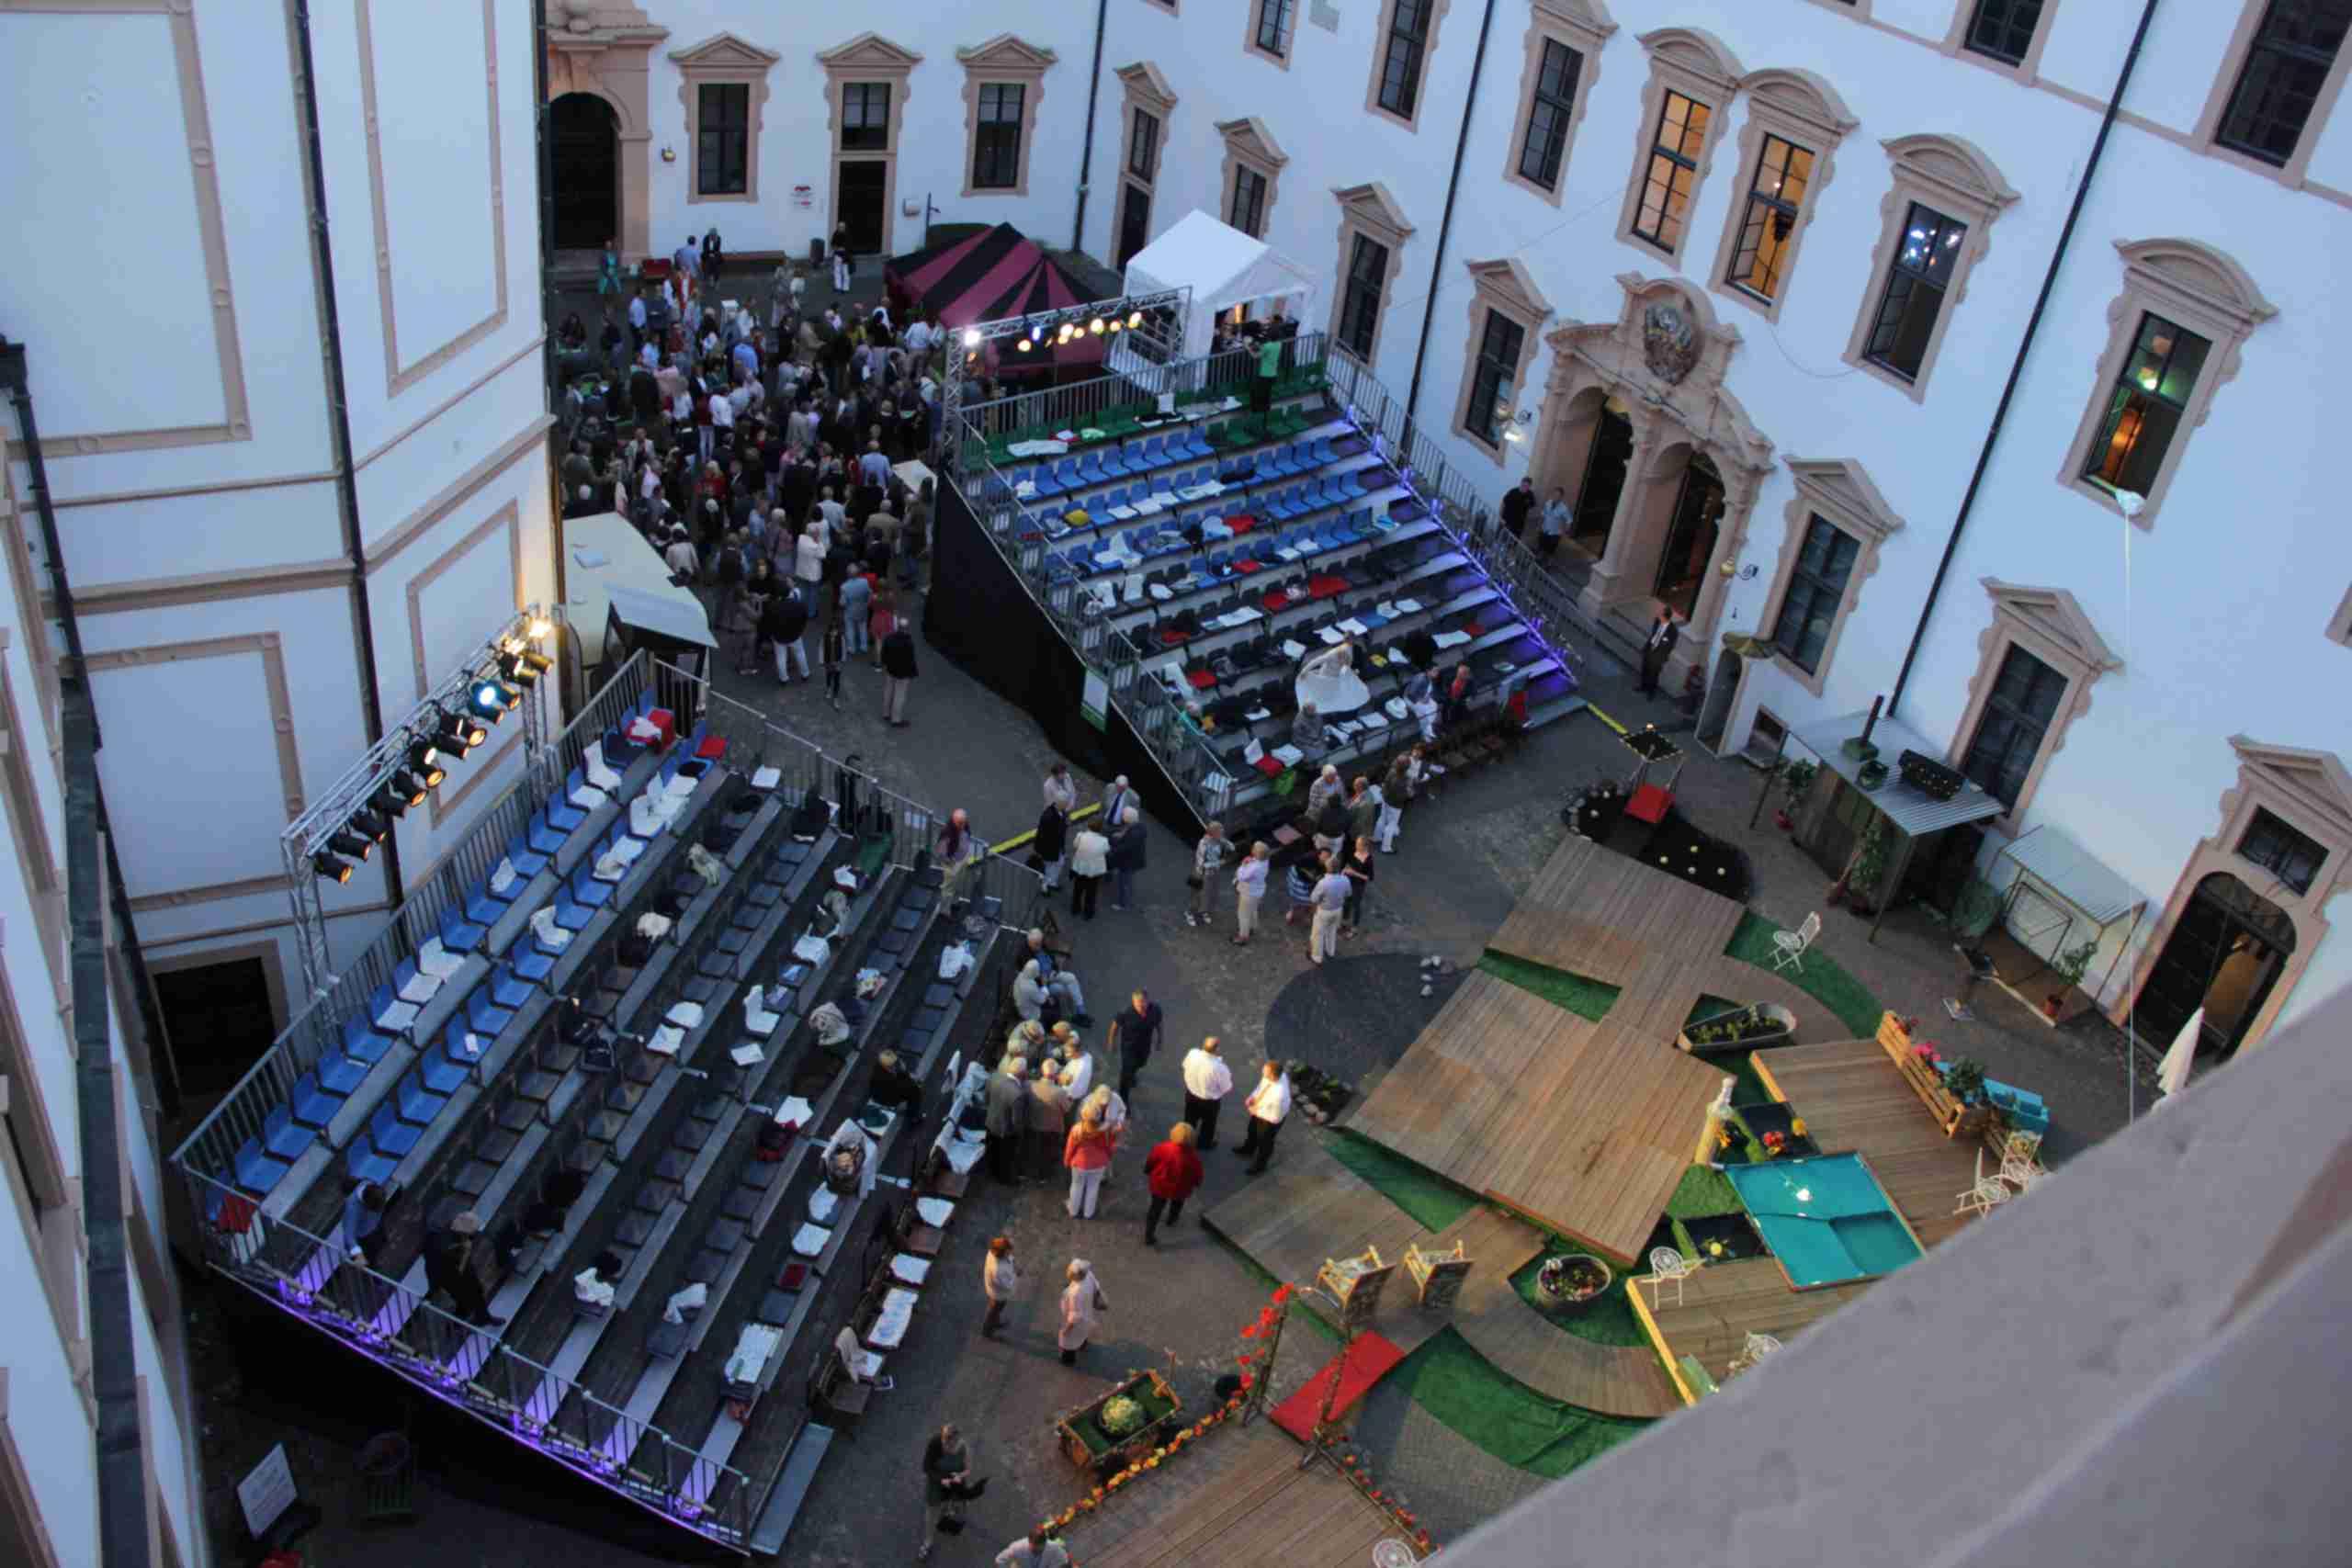 schlosstheater-celle-innenhof